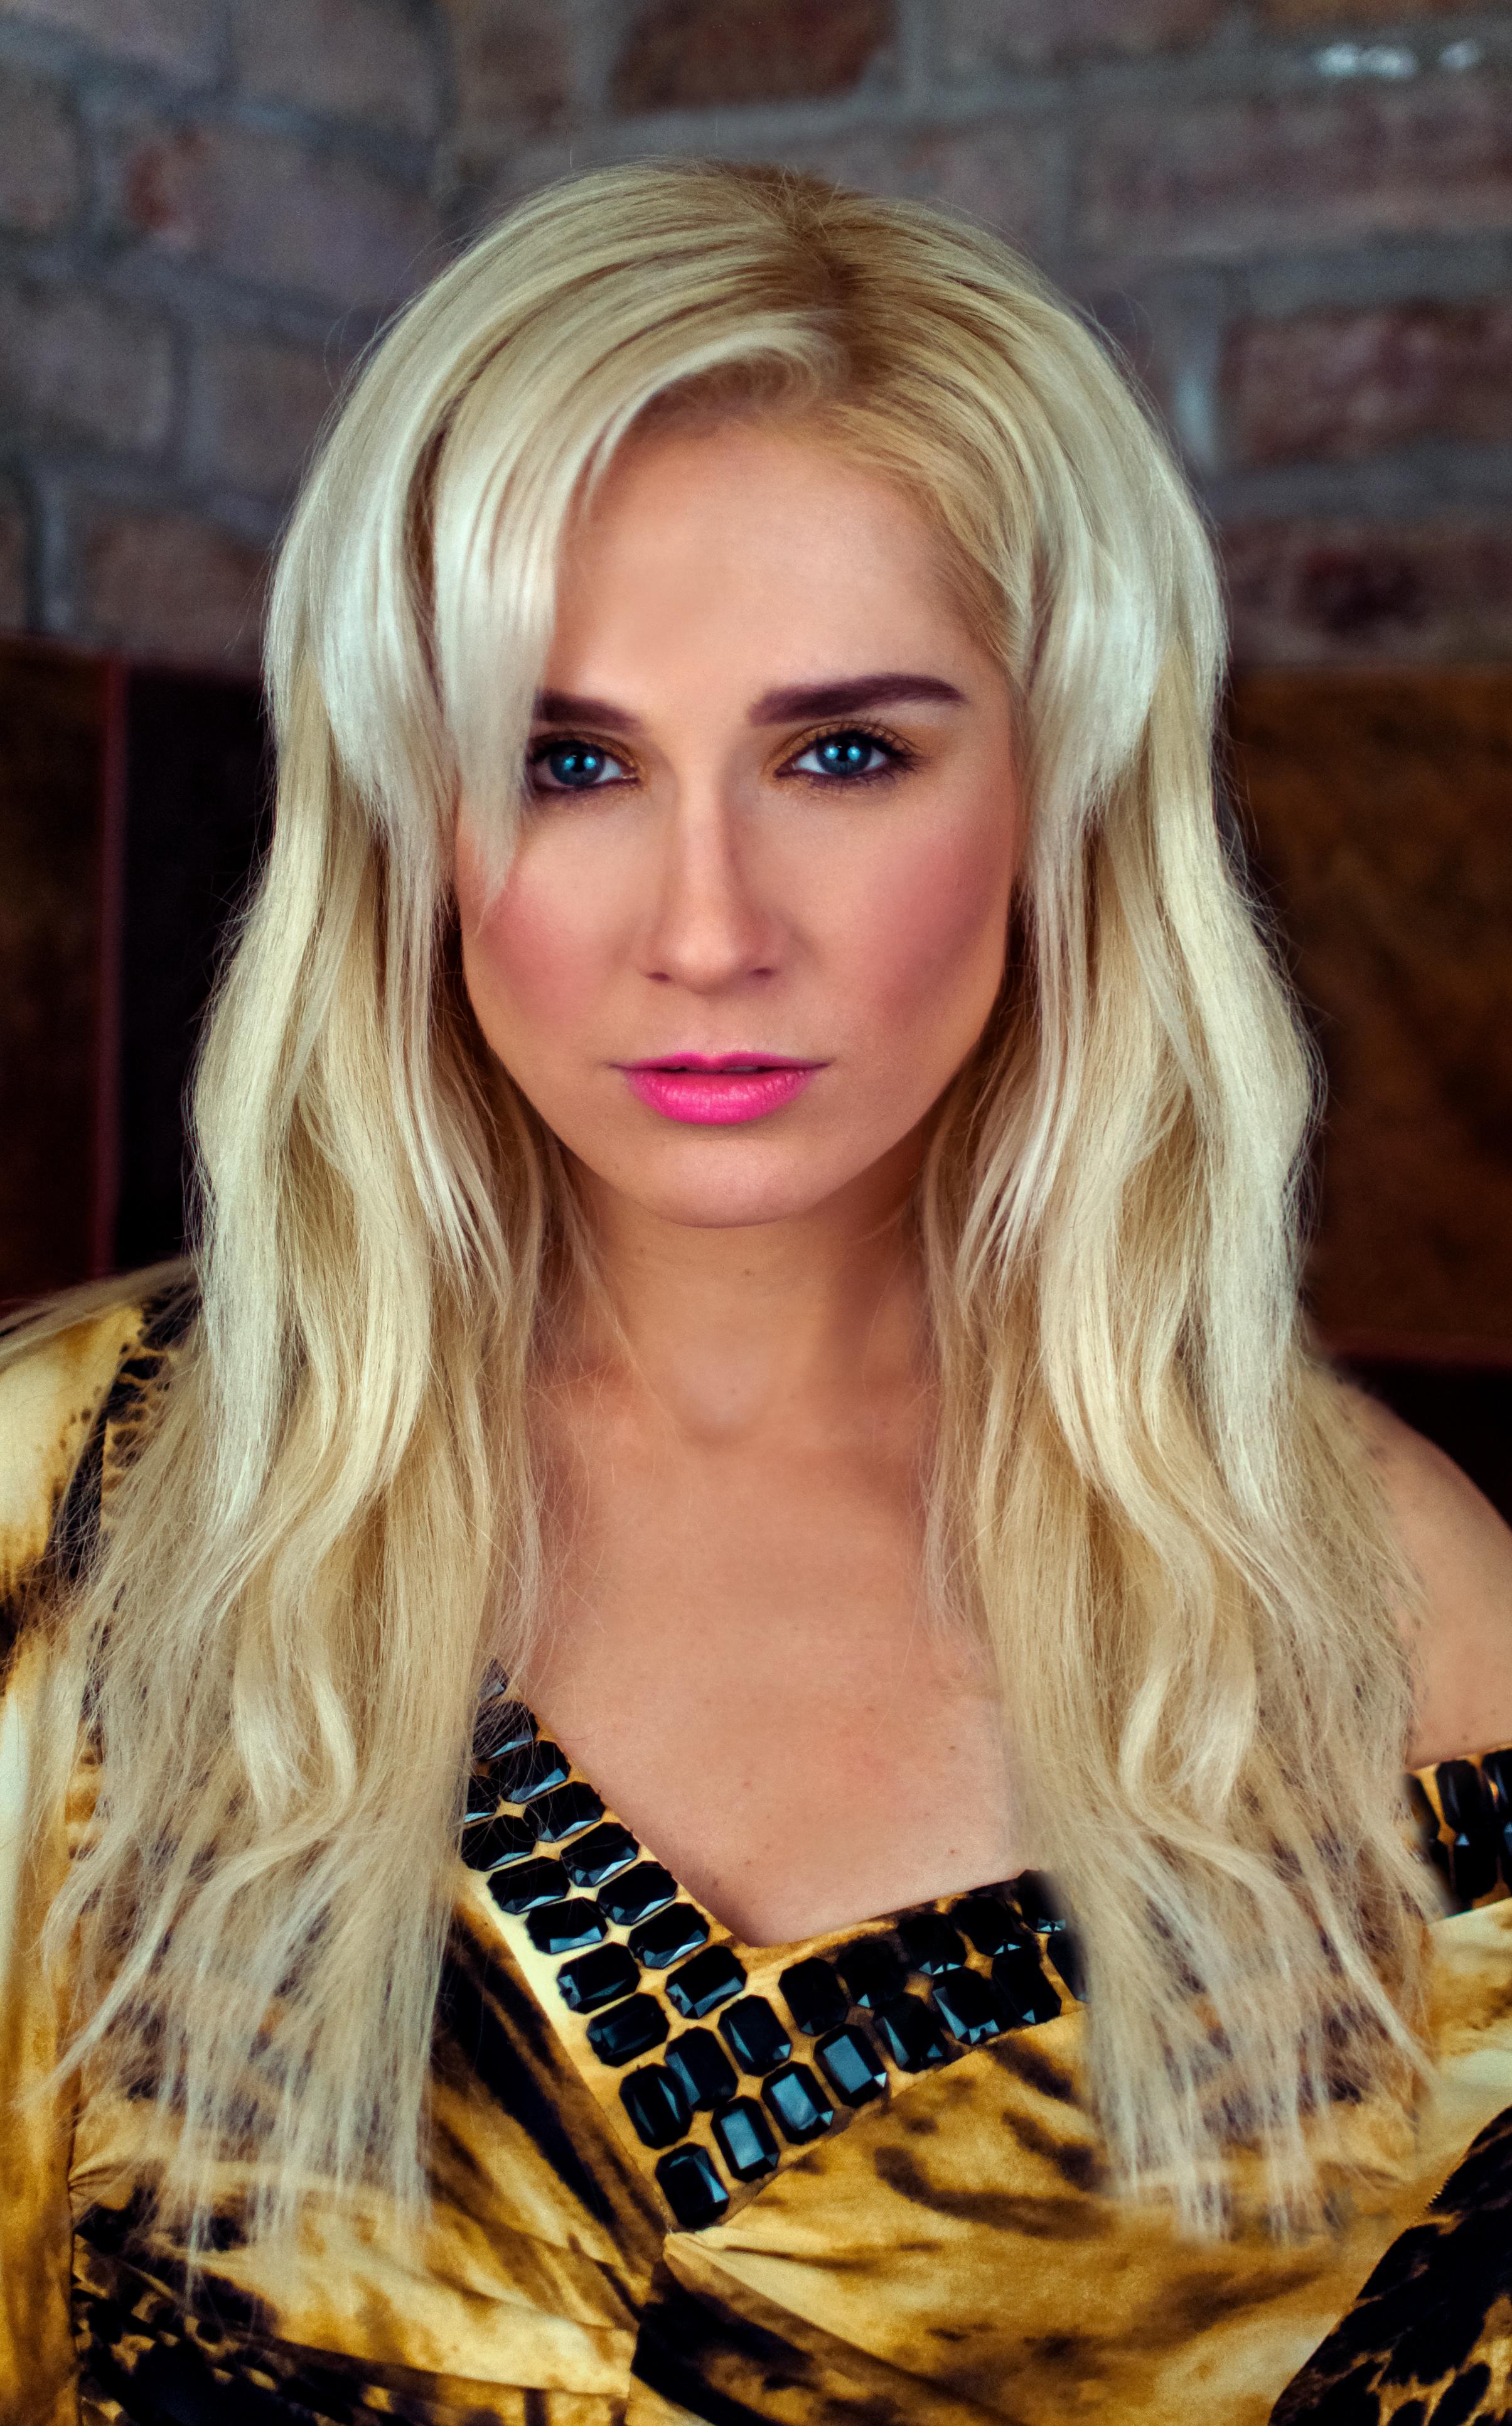 Hanna Pekhart